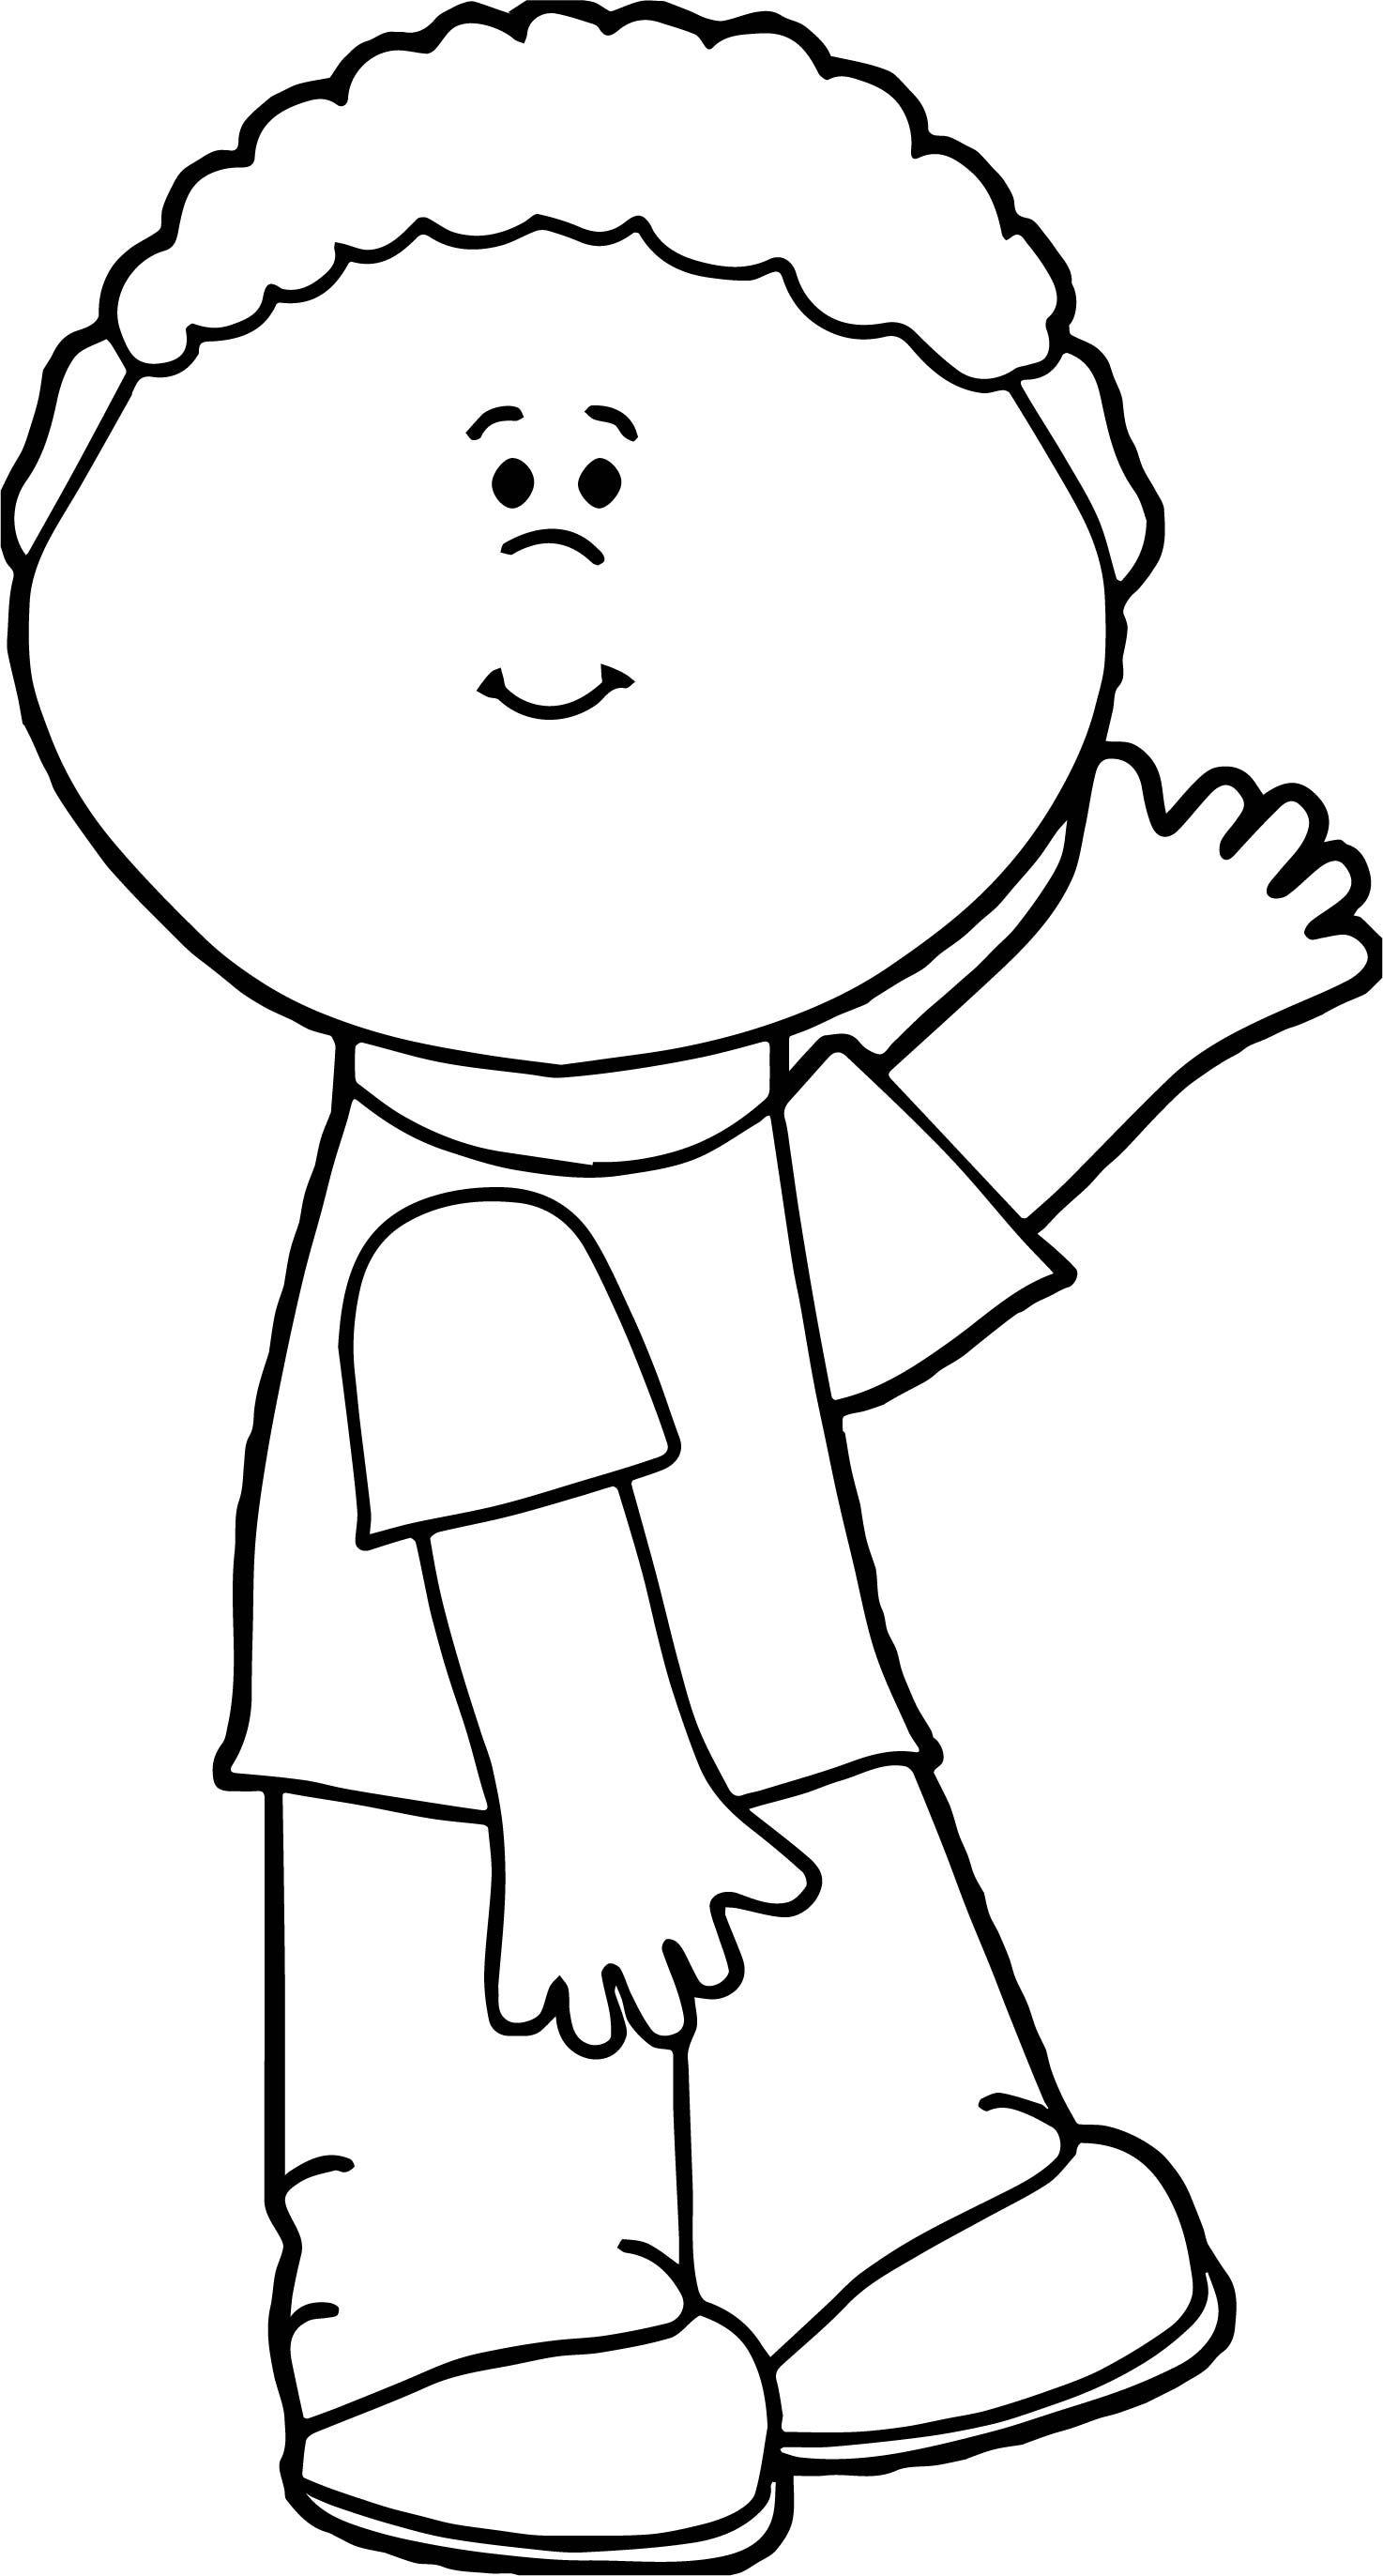 Boy Hi Coloring Page